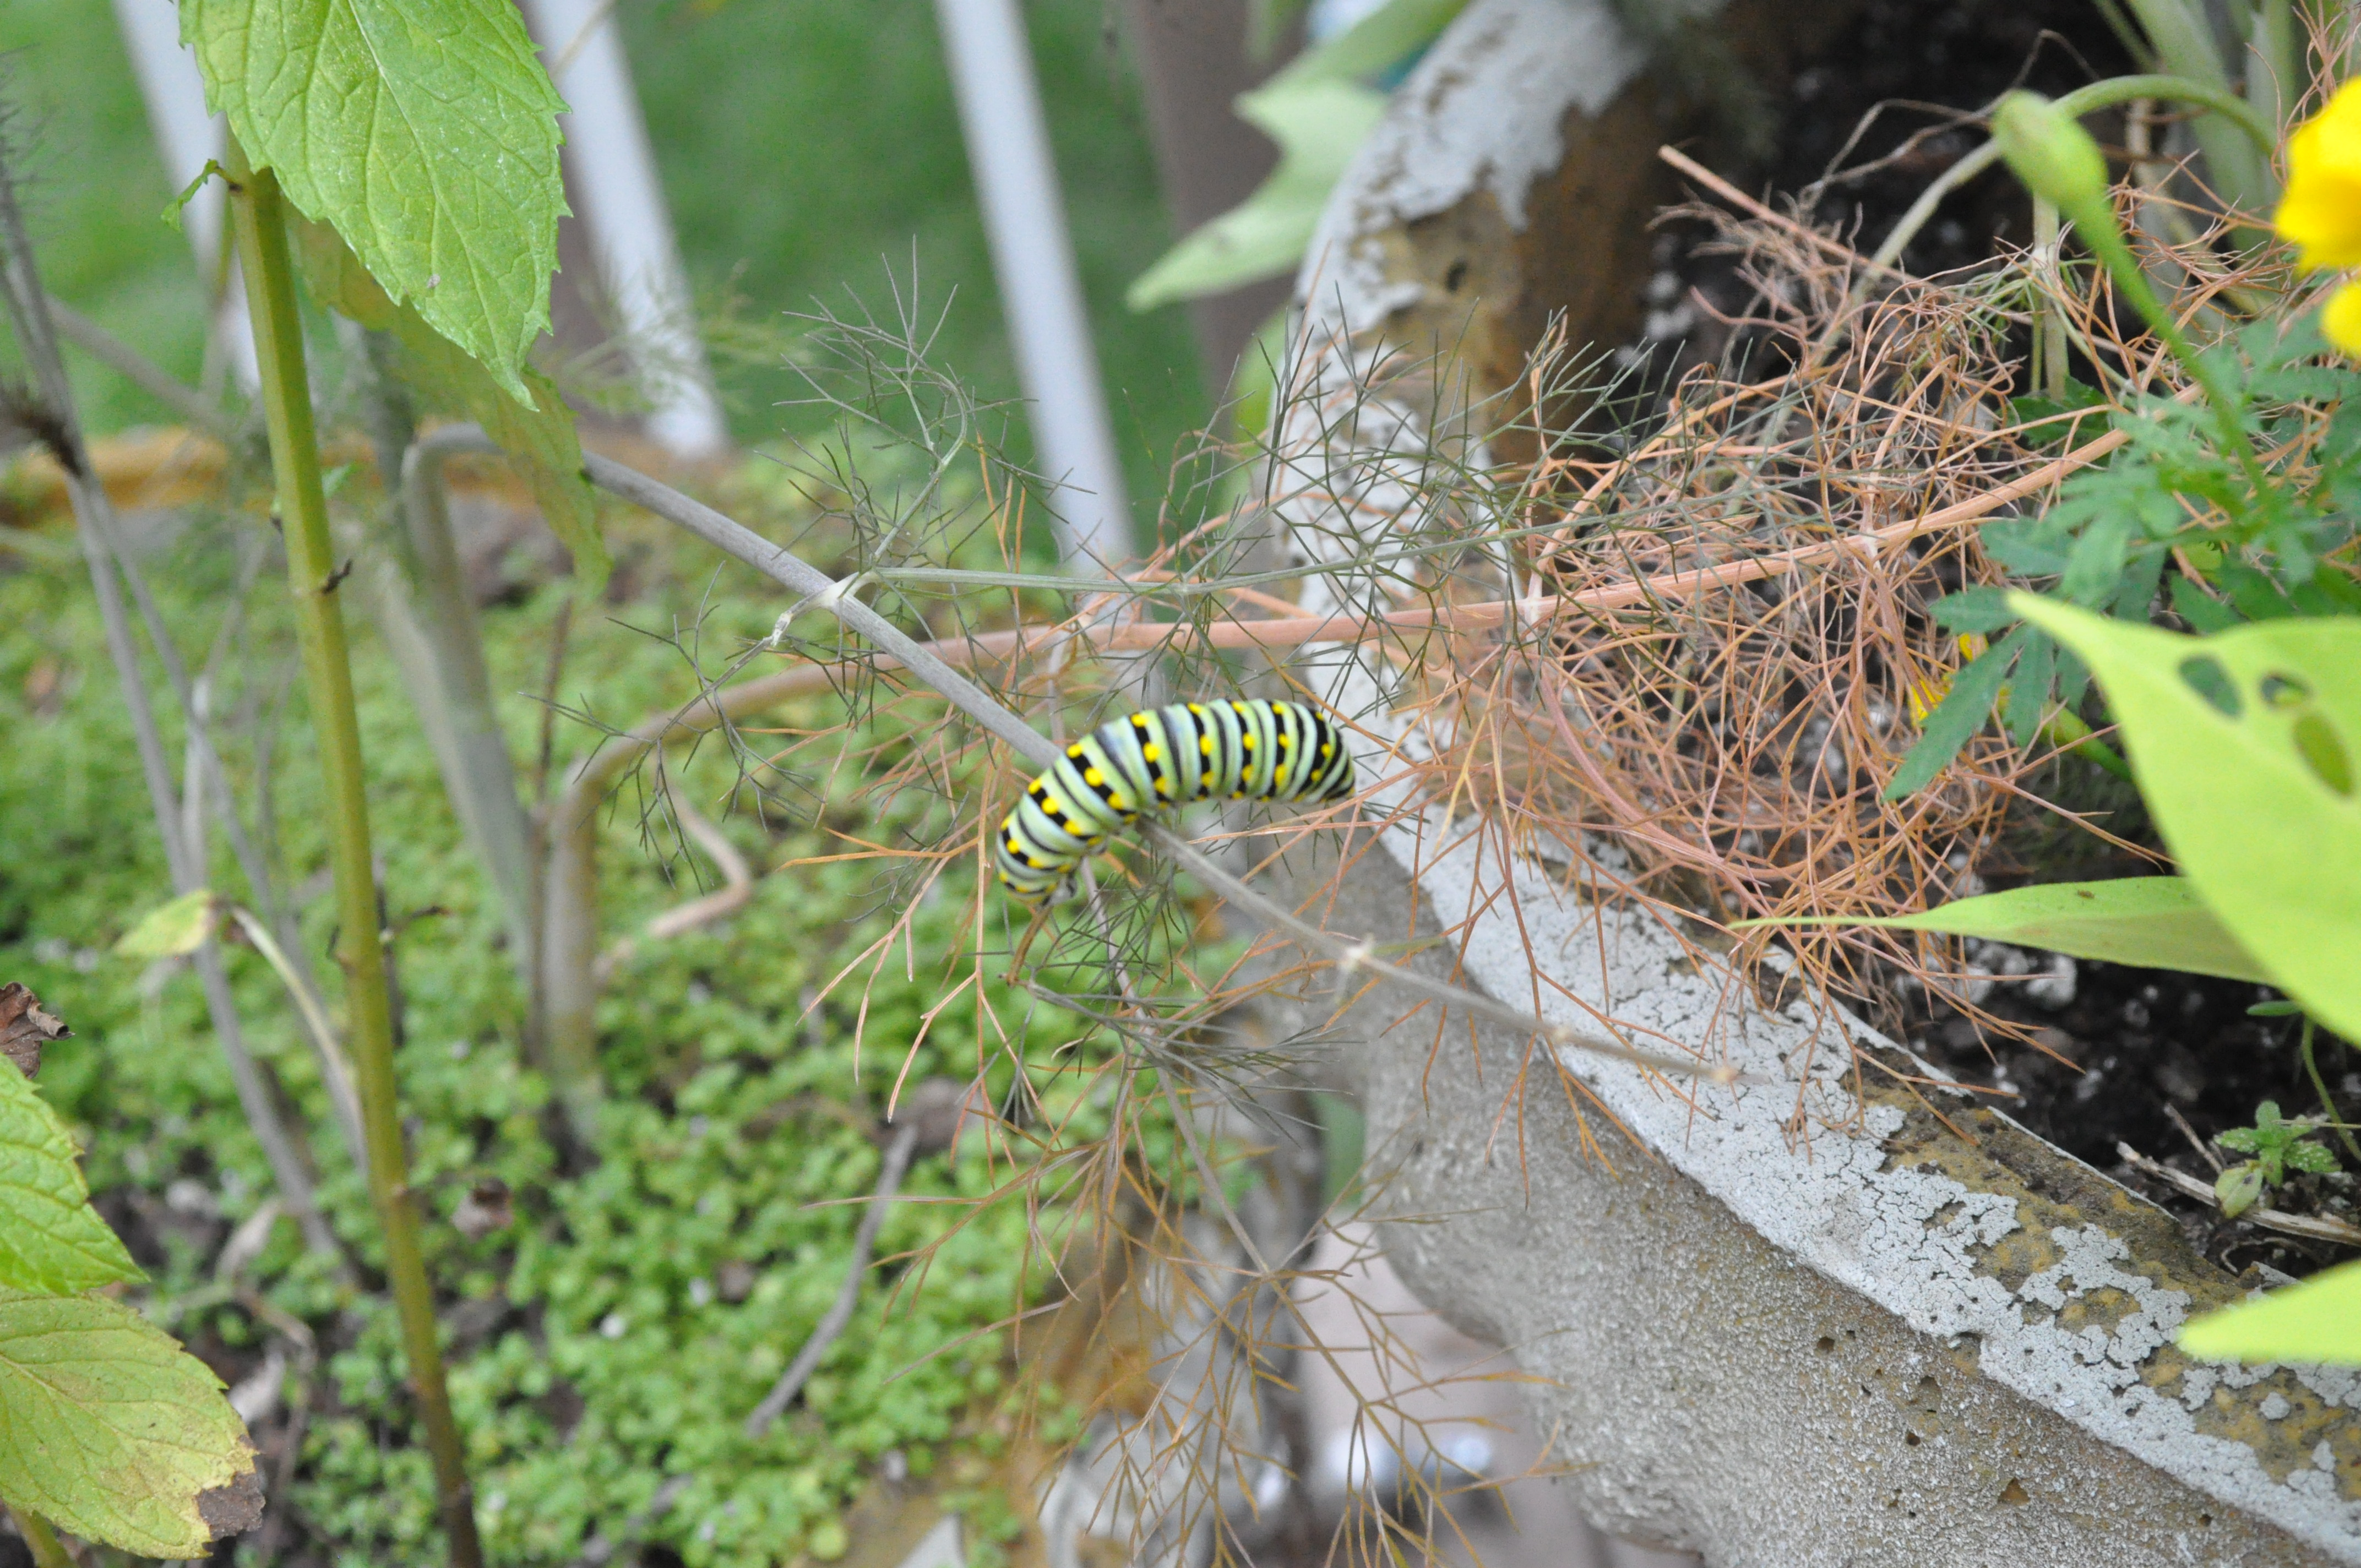 swallowtails durham extension master gardeners